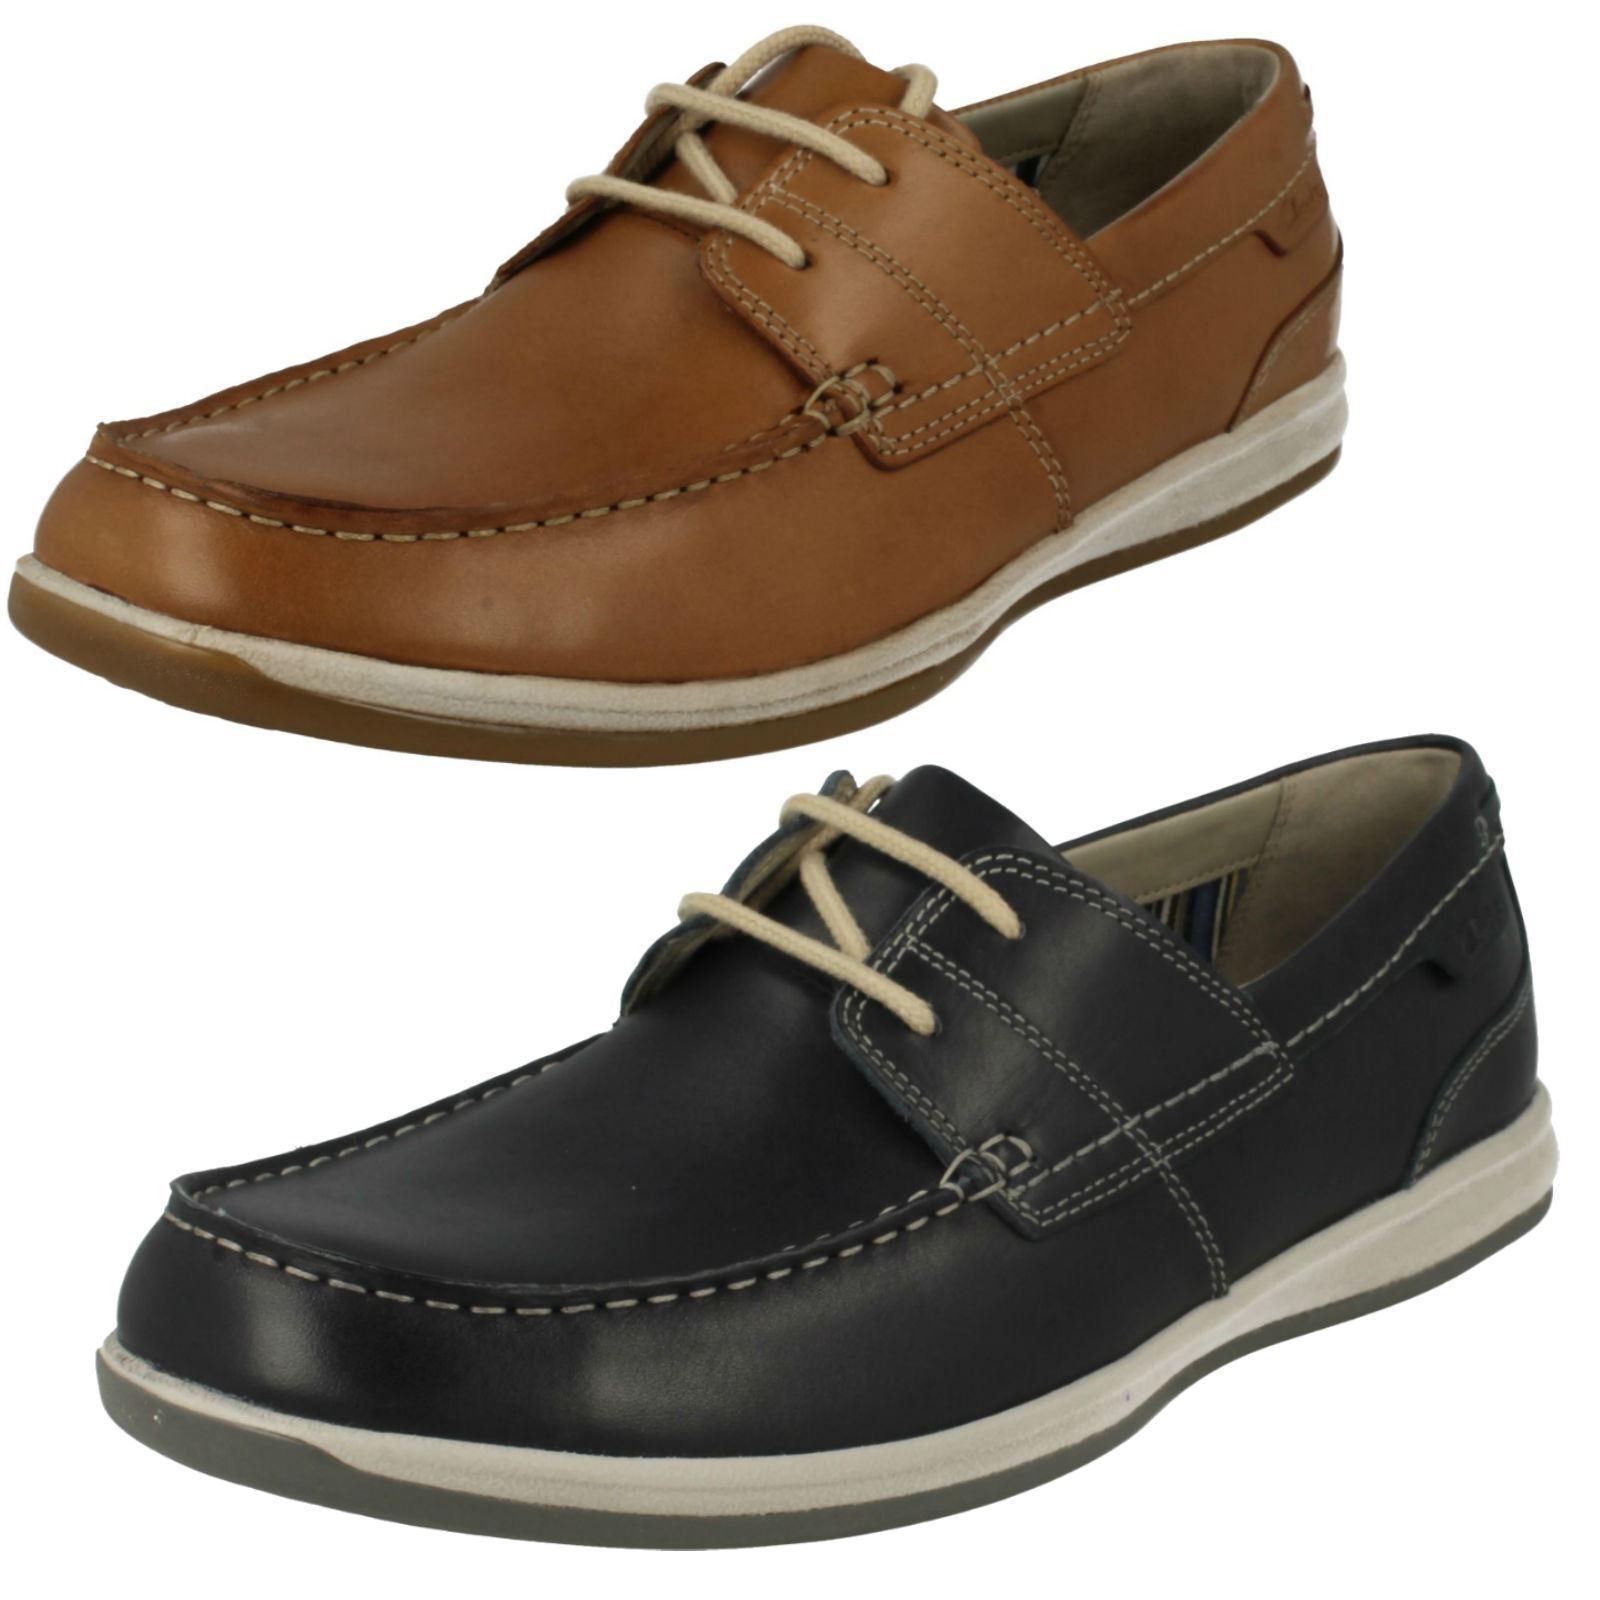 Hombre CLARKS MOCASIN Zapatos Casual Con Cordones - fallston Estilo